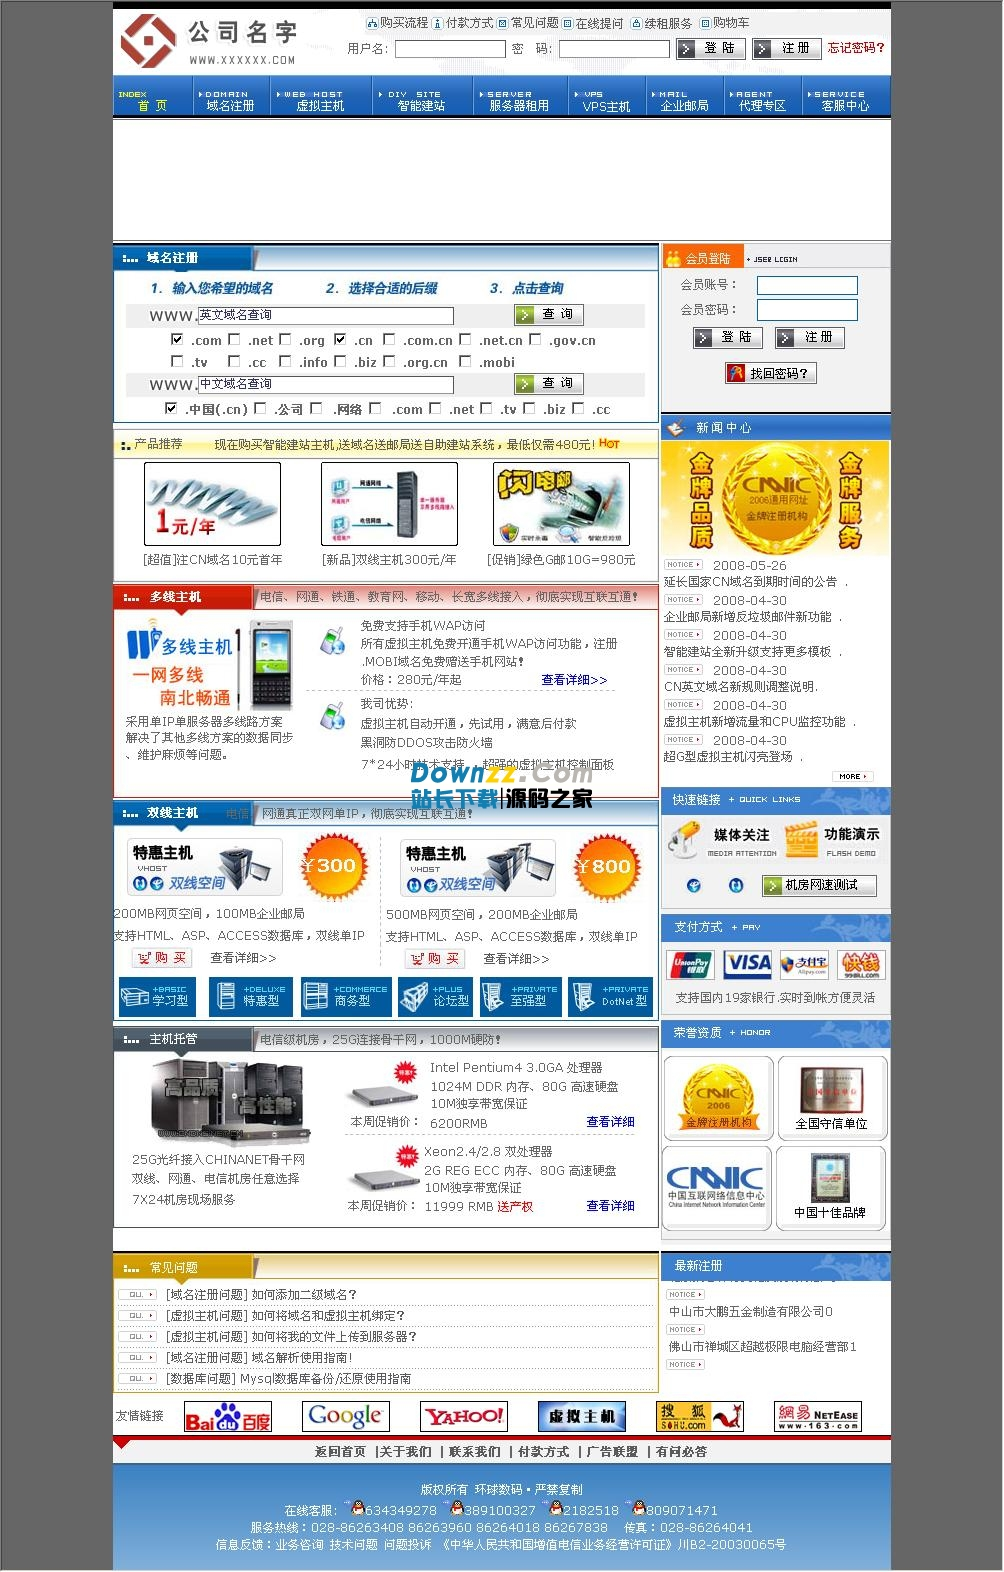 西部数码域名虚拟主机分销管理系统 v9.98